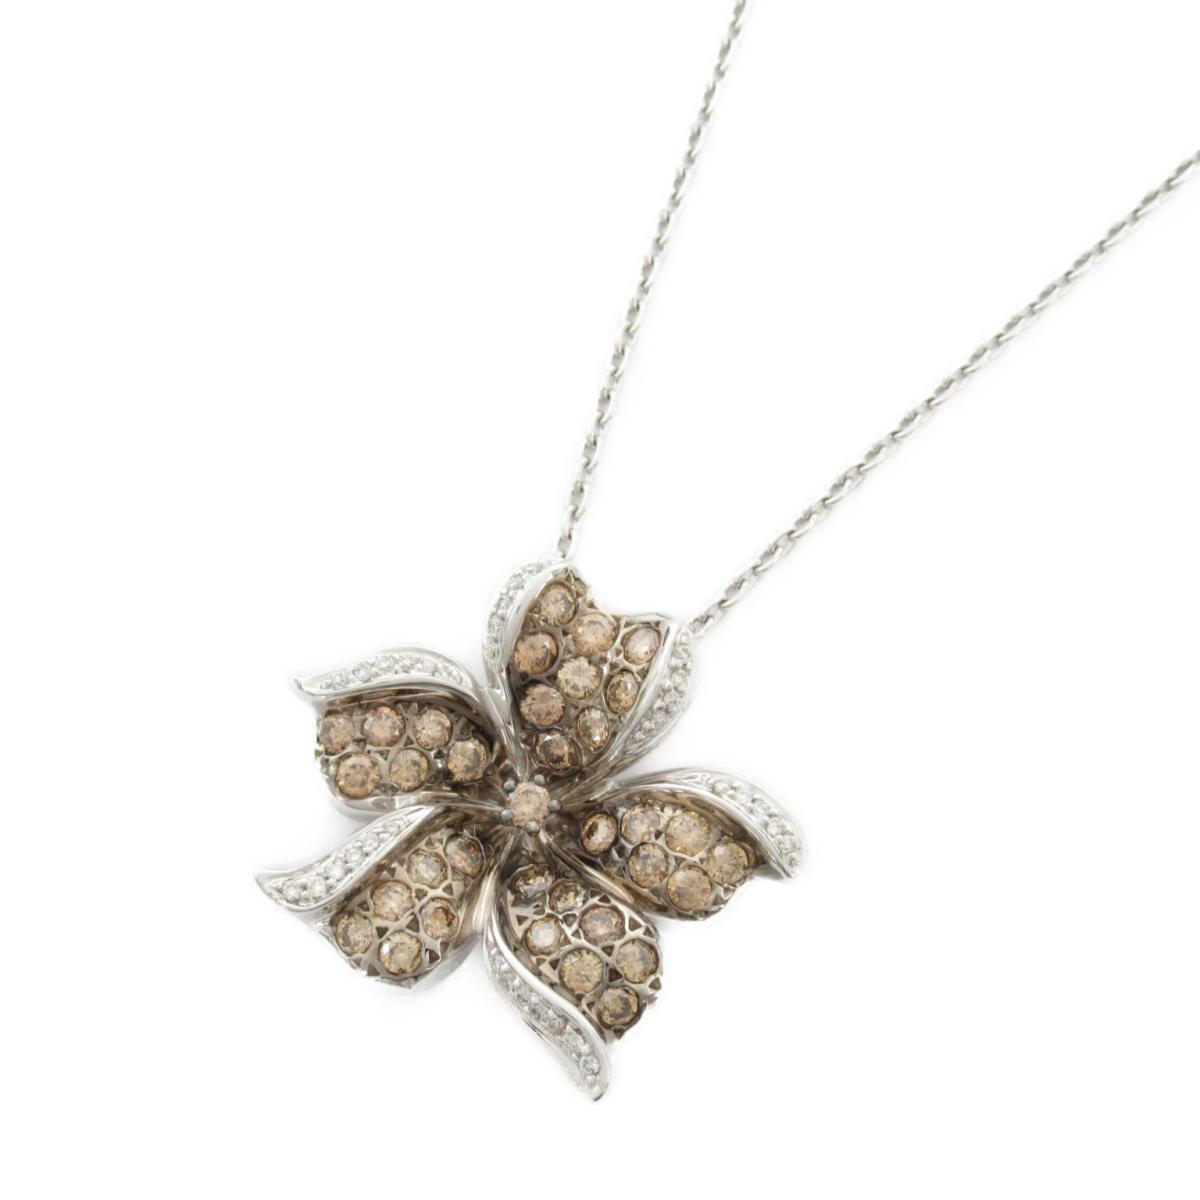 【中古】ジュエリー ダイヤモンド ネックレス レディース 18Kホワイトゴールド x ダイヤモンド1.25CT